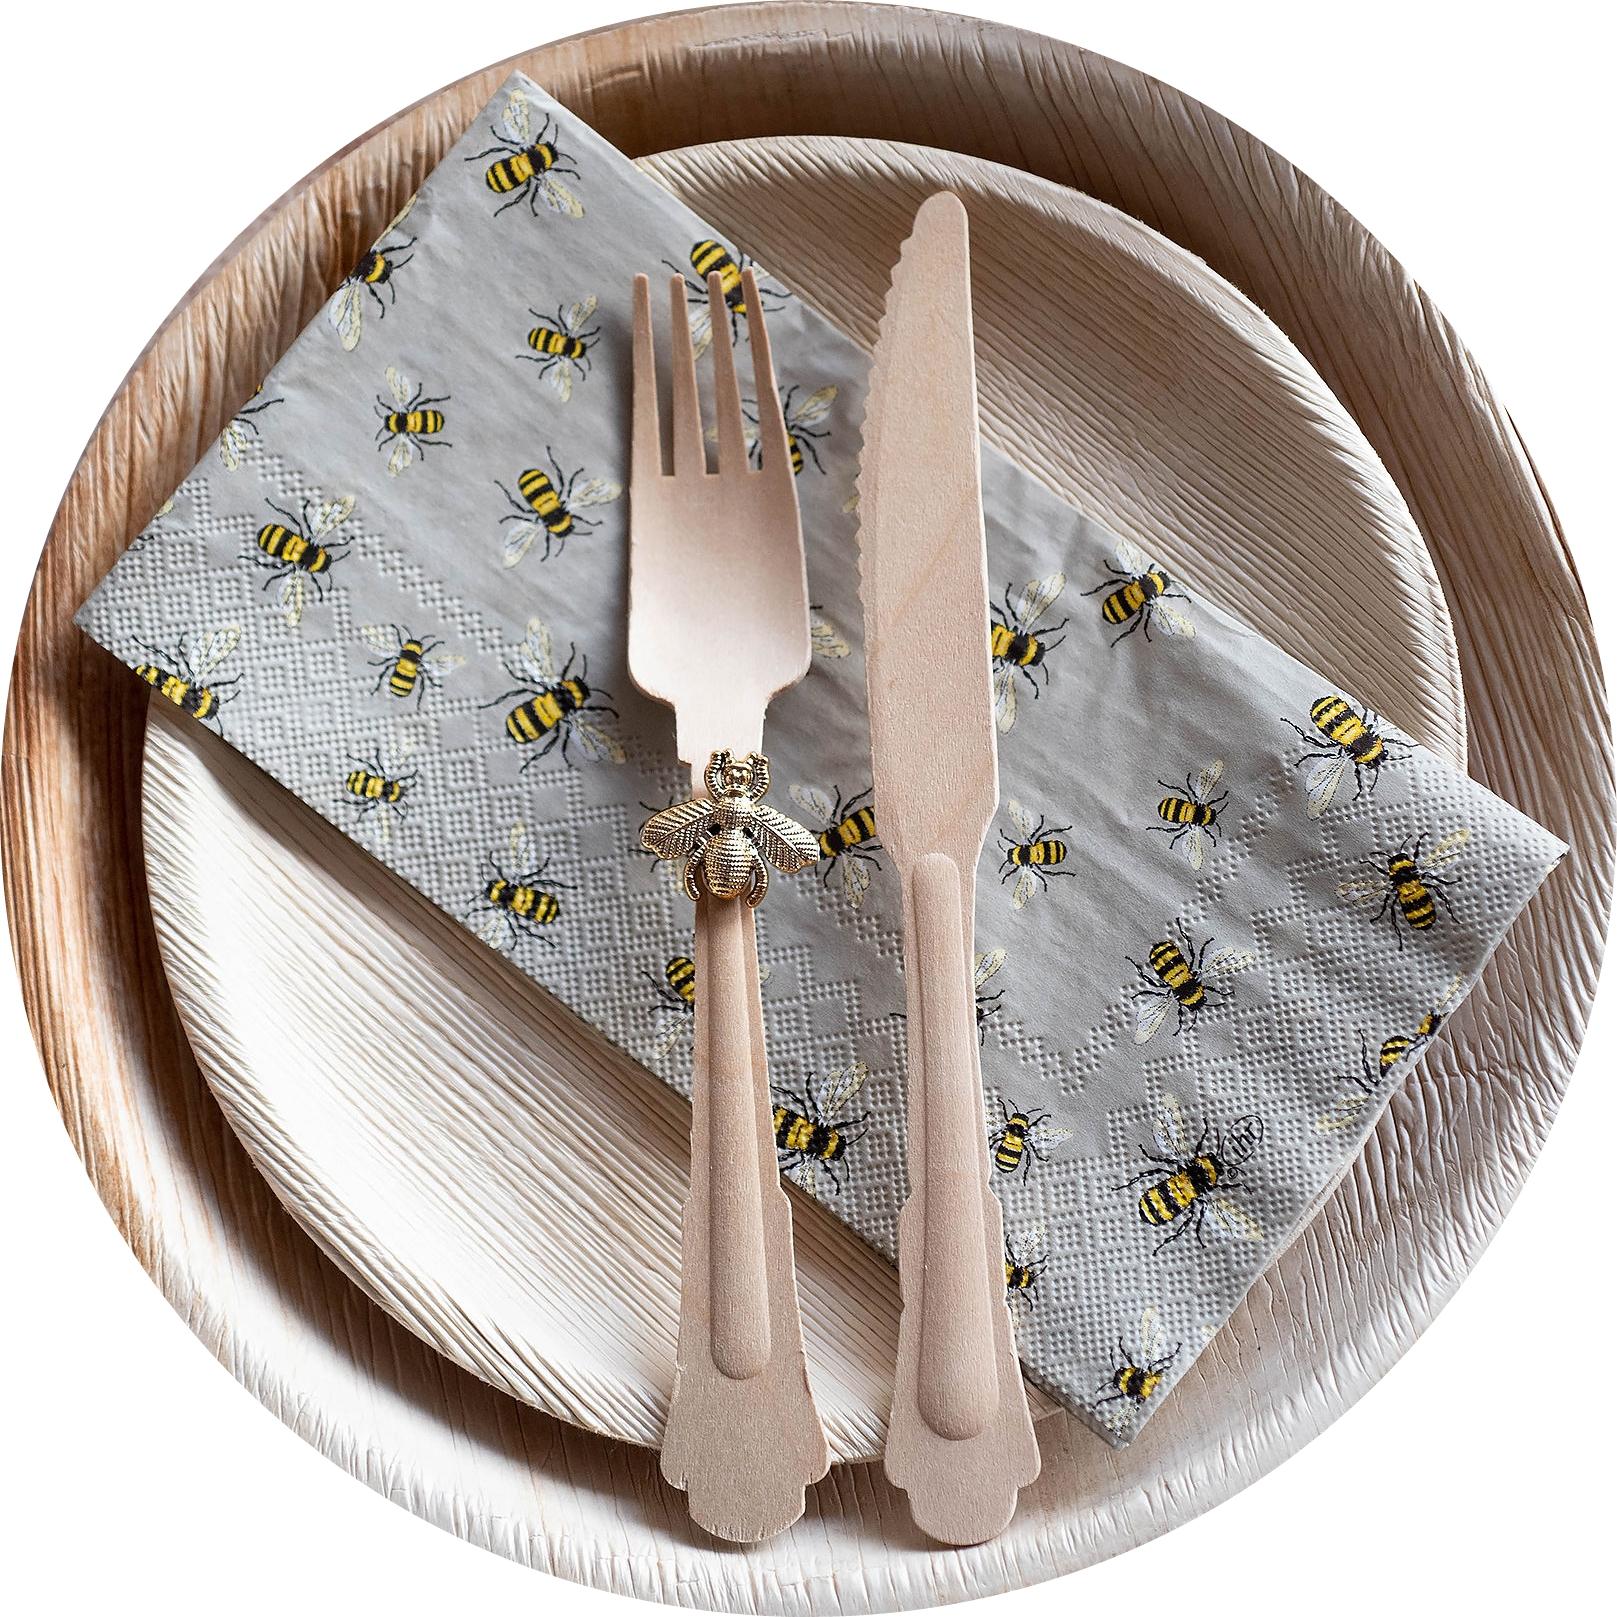 שולחן חג בעיצוב טבעי לראש השנה